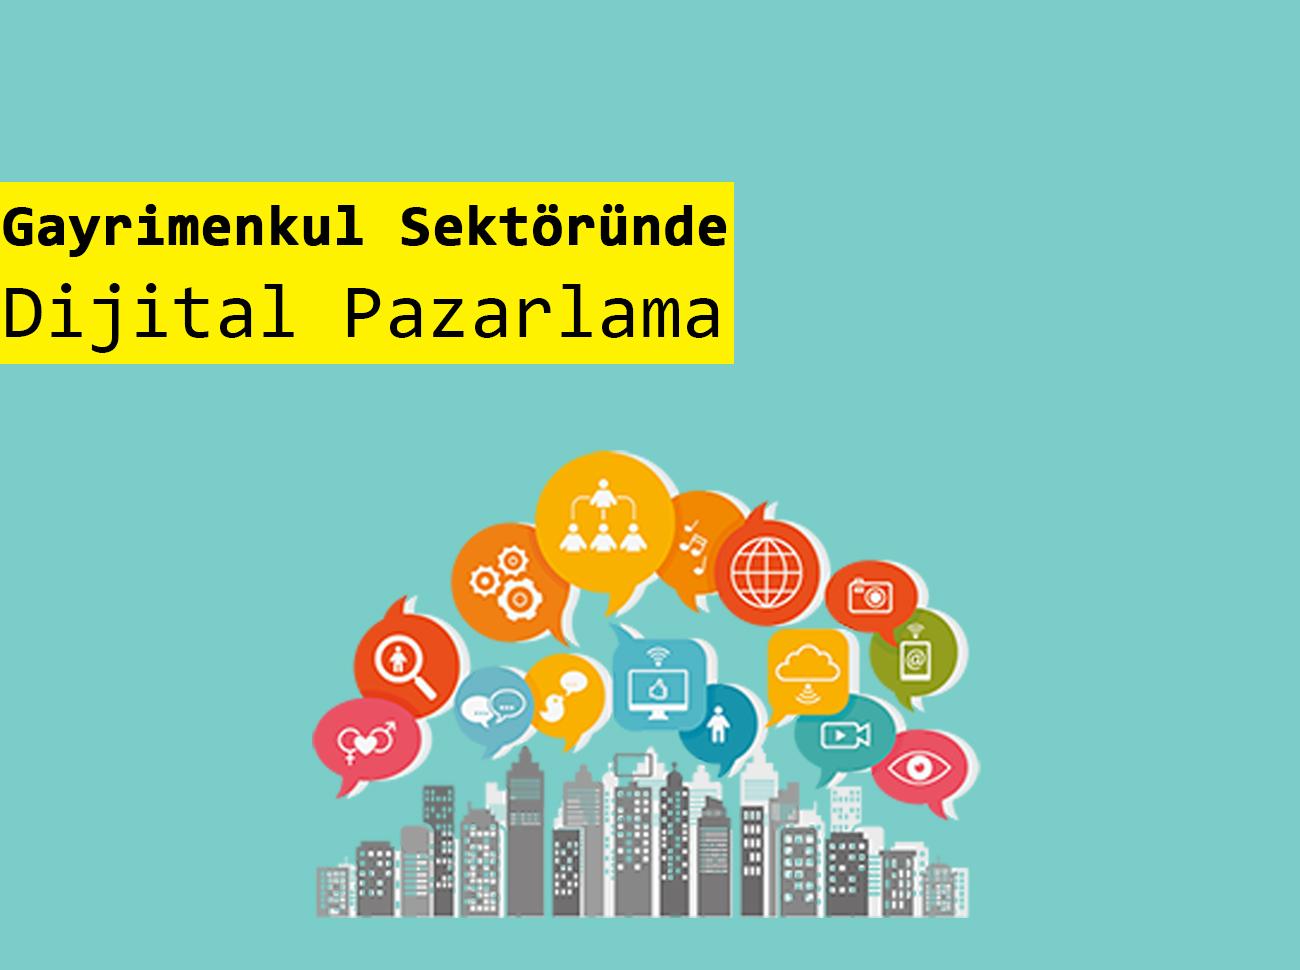 Gayrimenkul Sektörü için Dijital Pazarlama